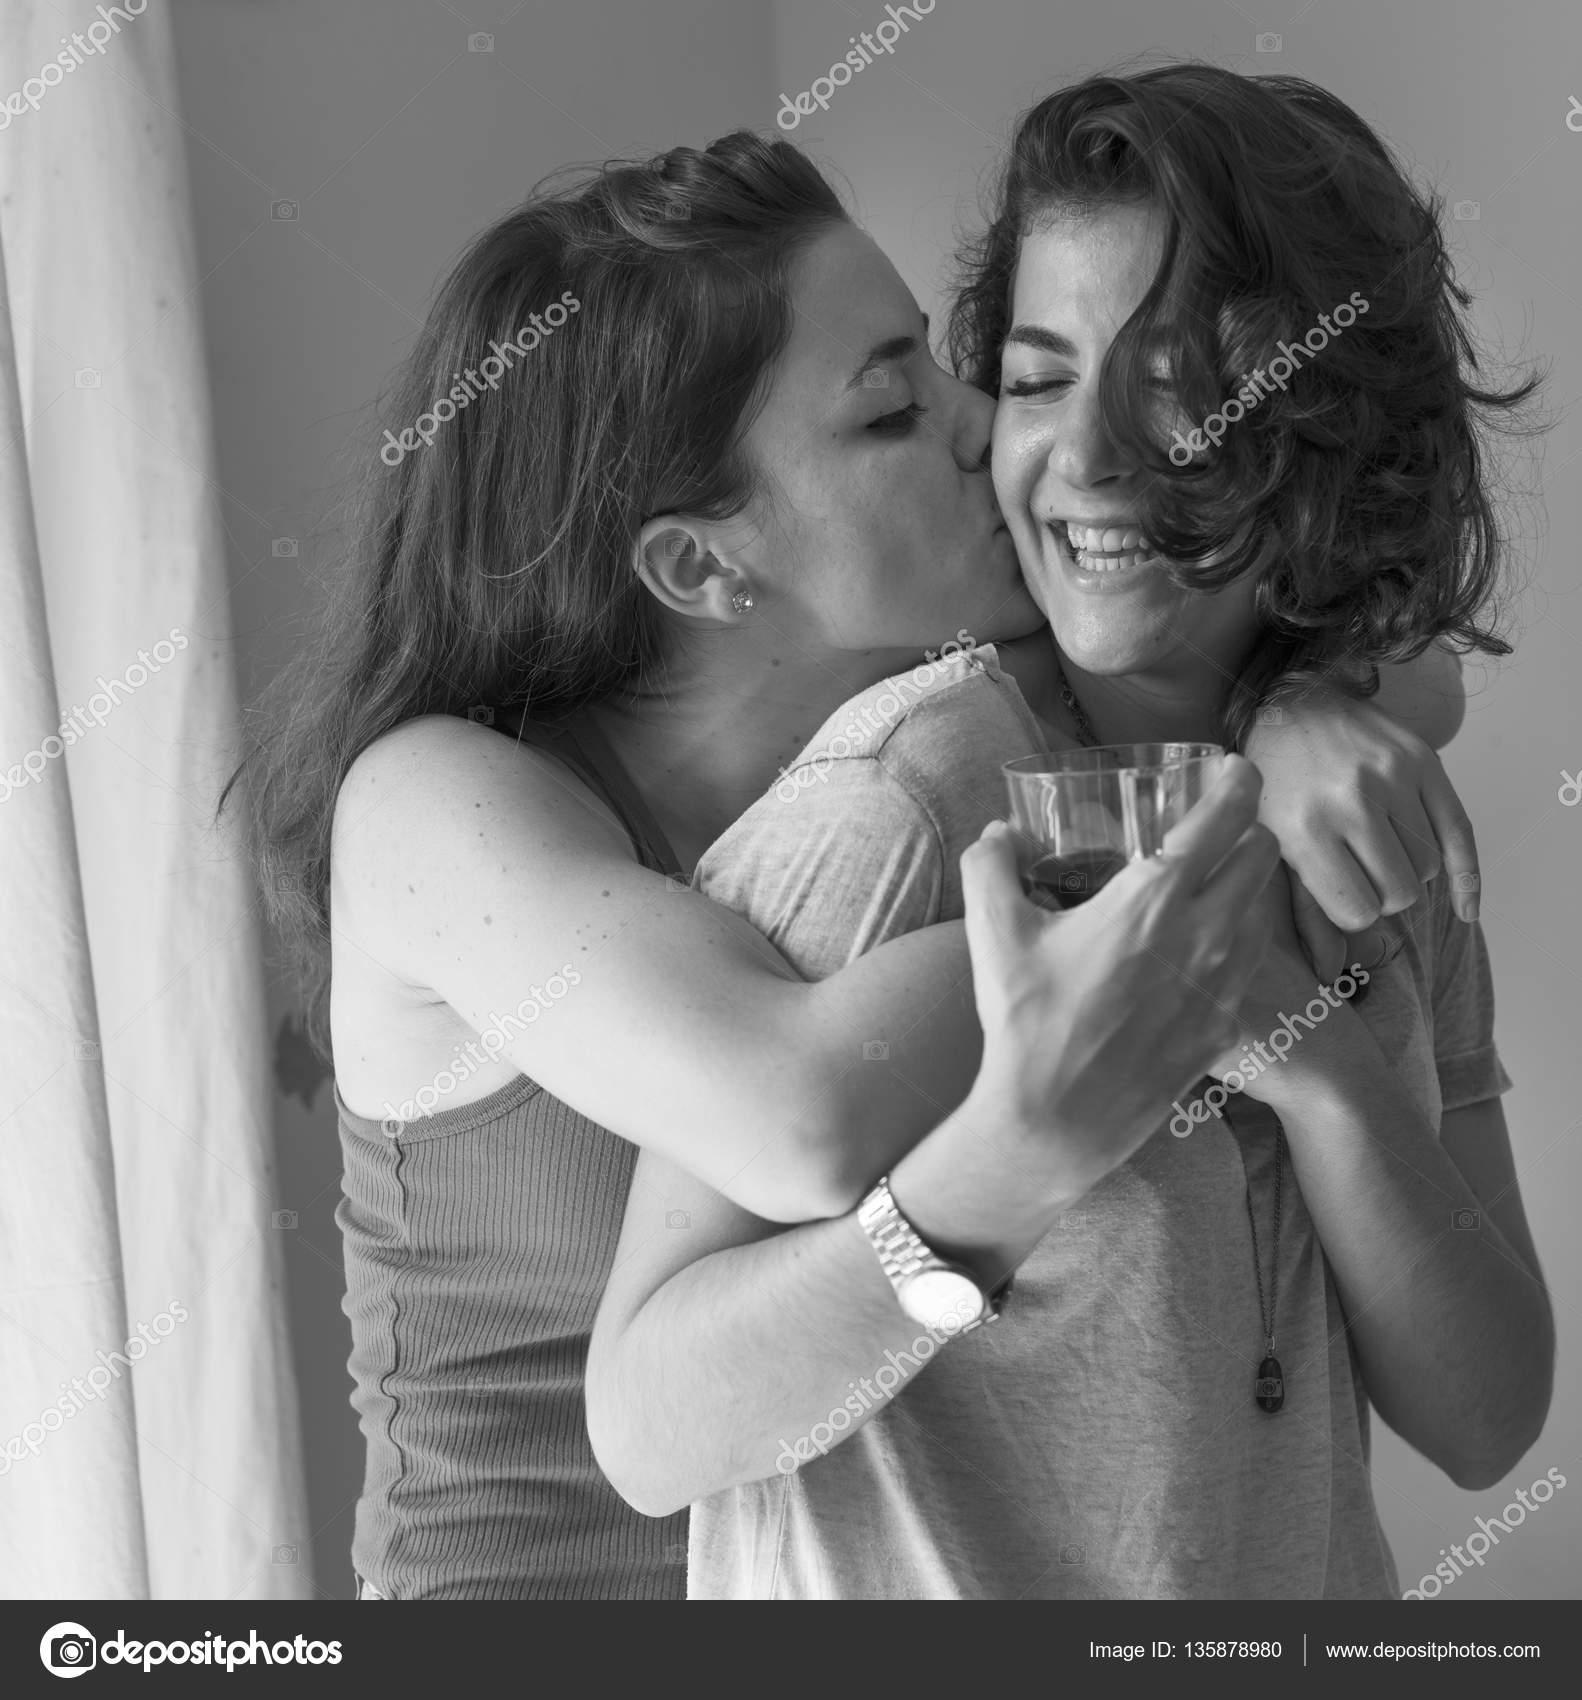 bacio lesbico in bianco e nero